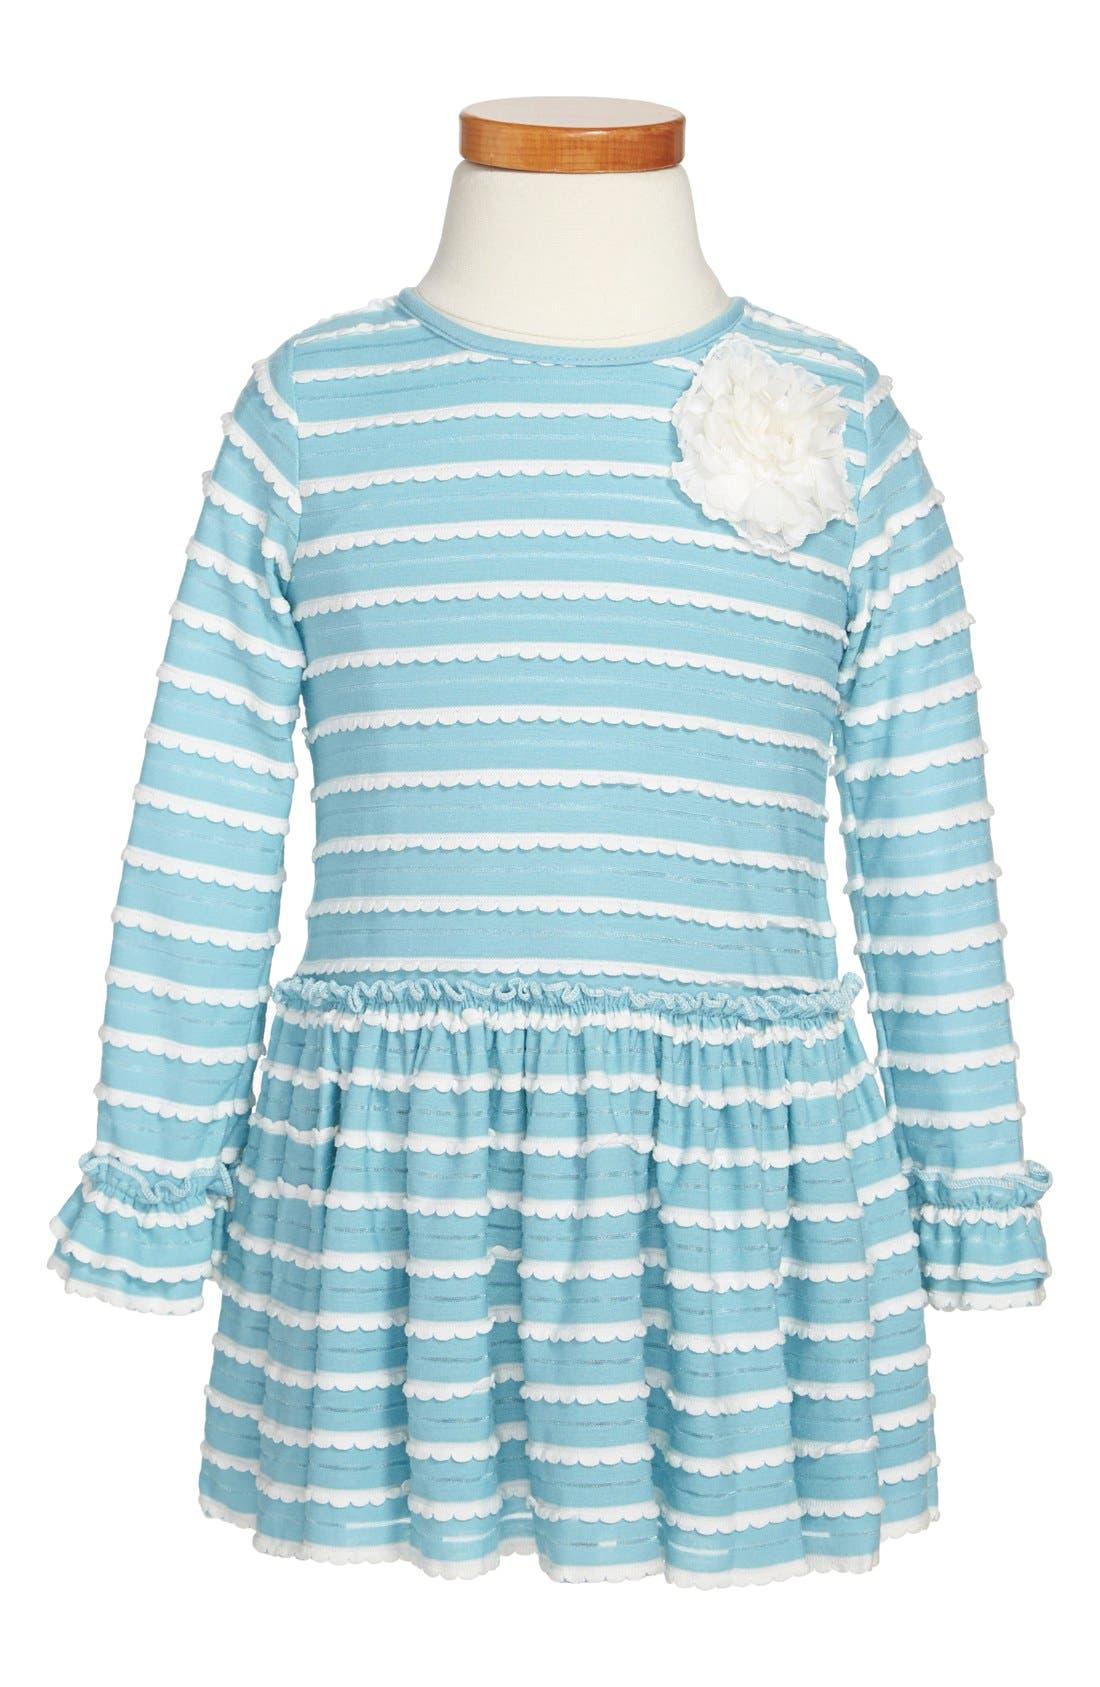 Main Image - Pippa & Julie Scallop Knit Dress (Toddler Girls & Little Girls)